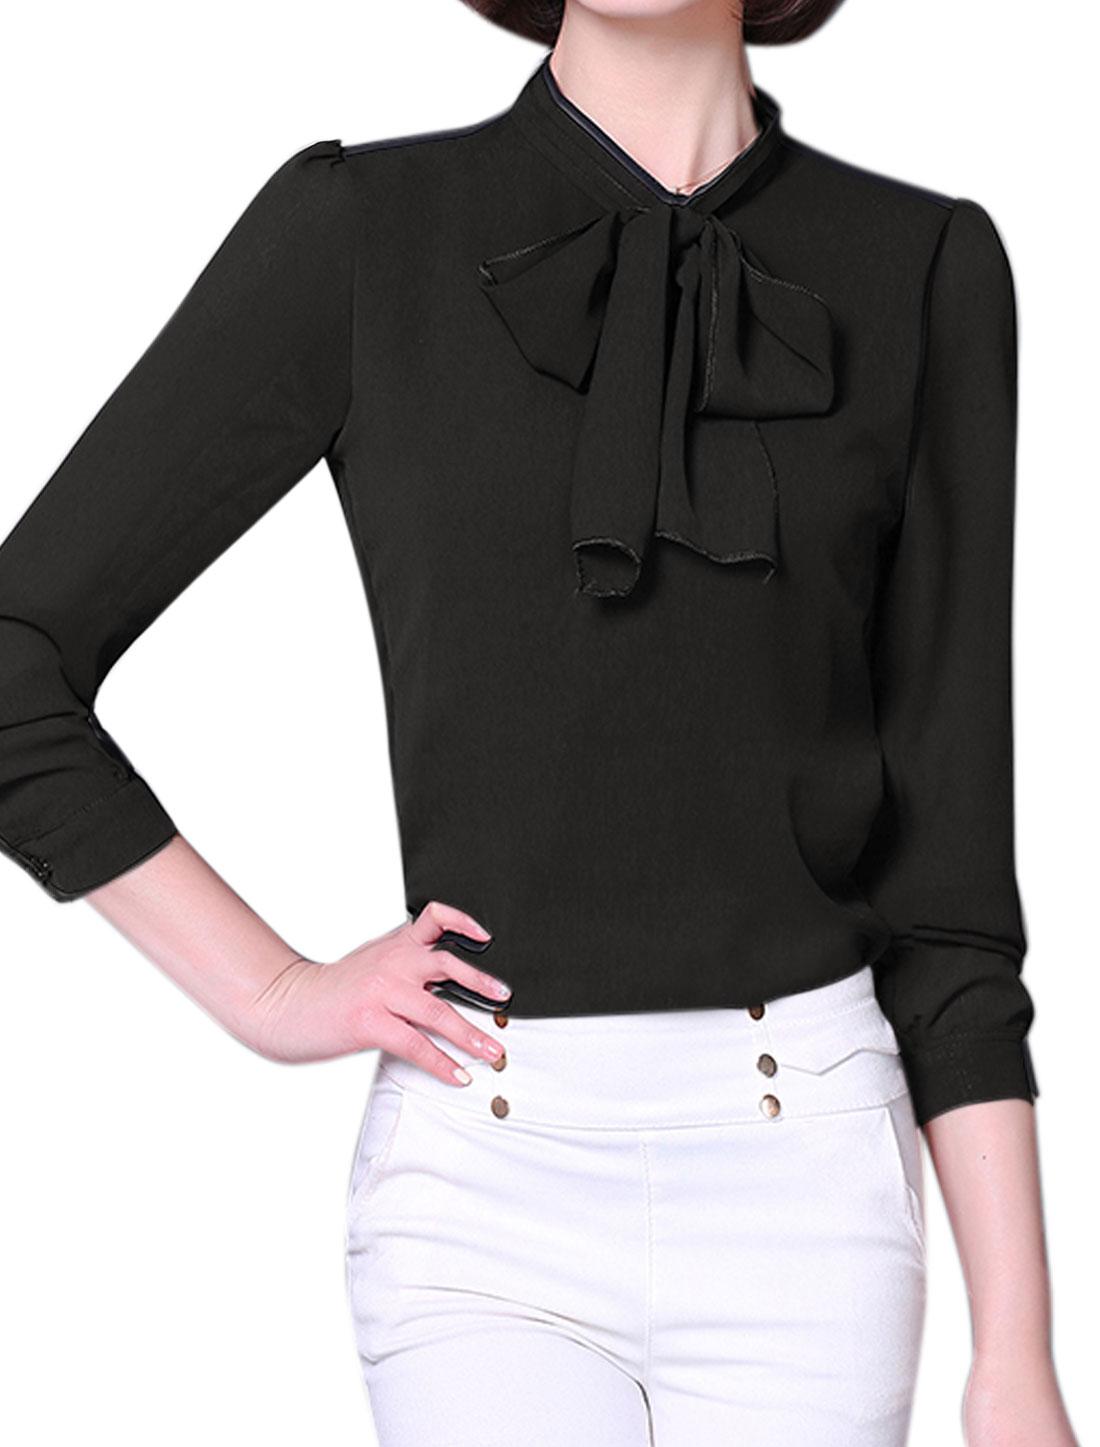 Ladies Tie-Bow Neck Long Sleeves Slim Fit Blouse Black M